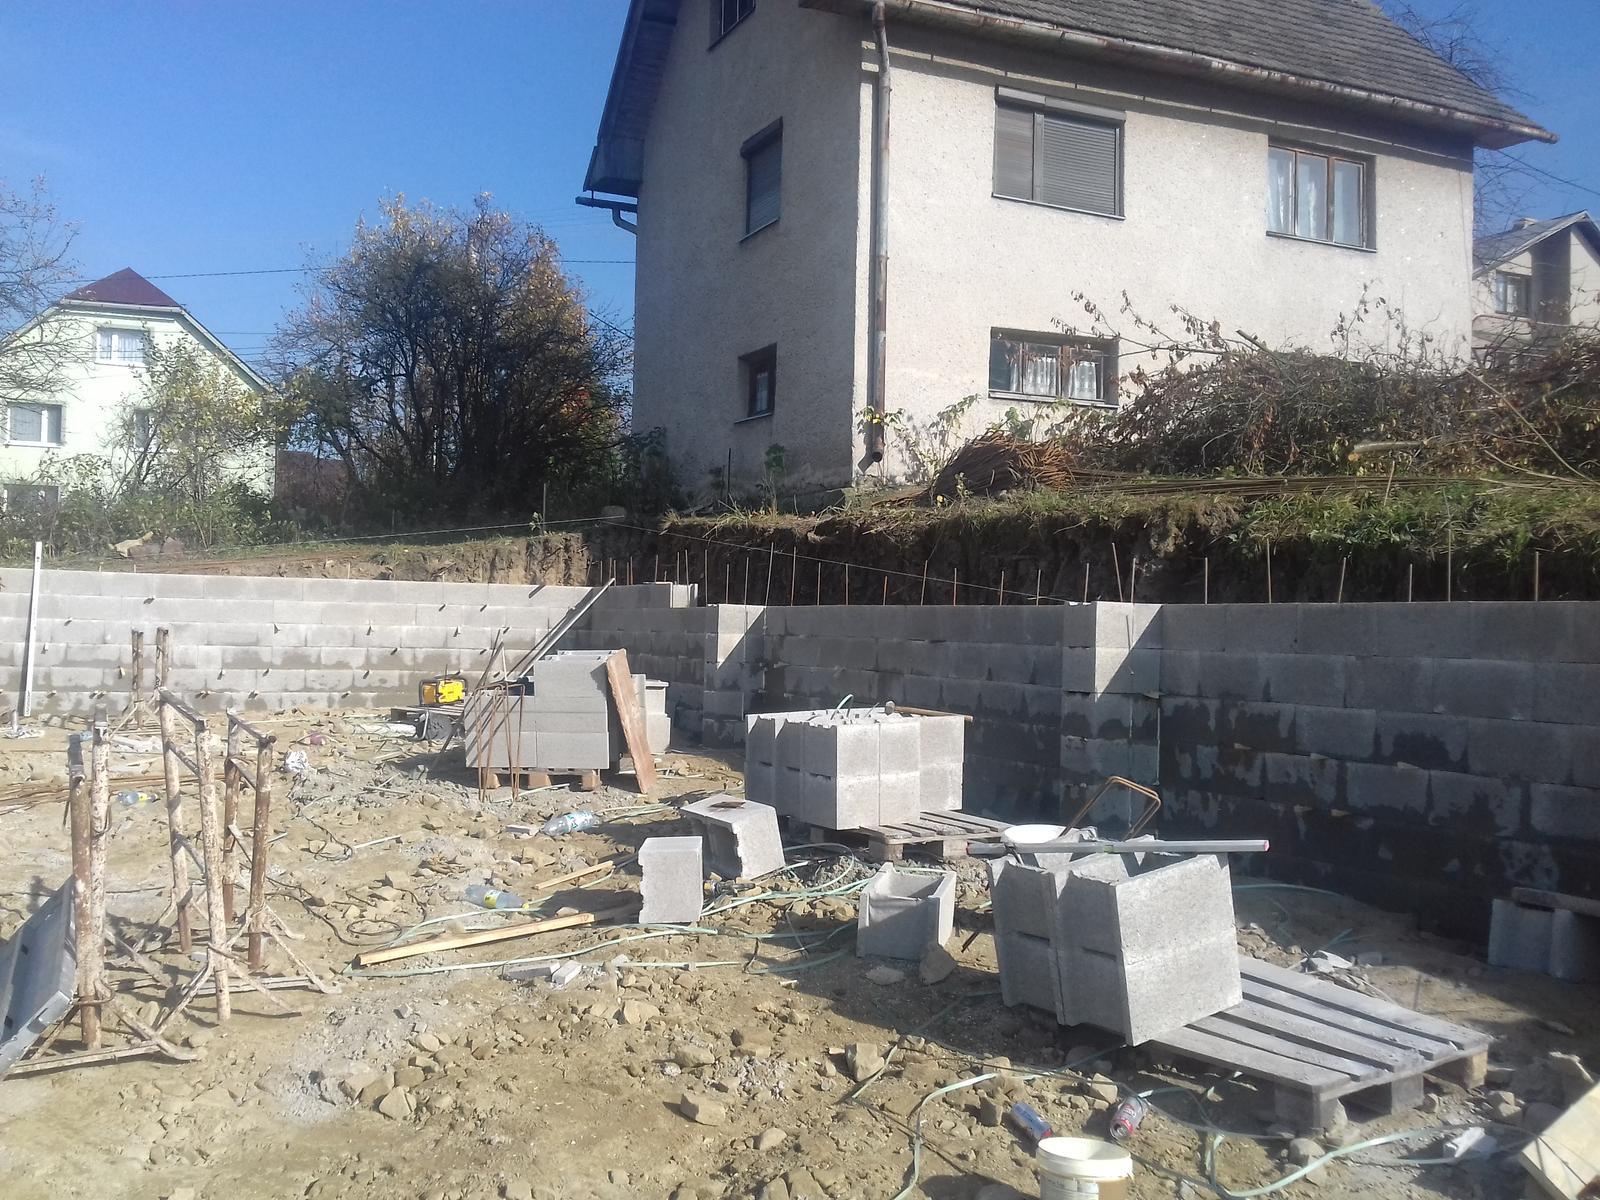 Najprv oporny mur a potom dom... - Obrázok č. 16